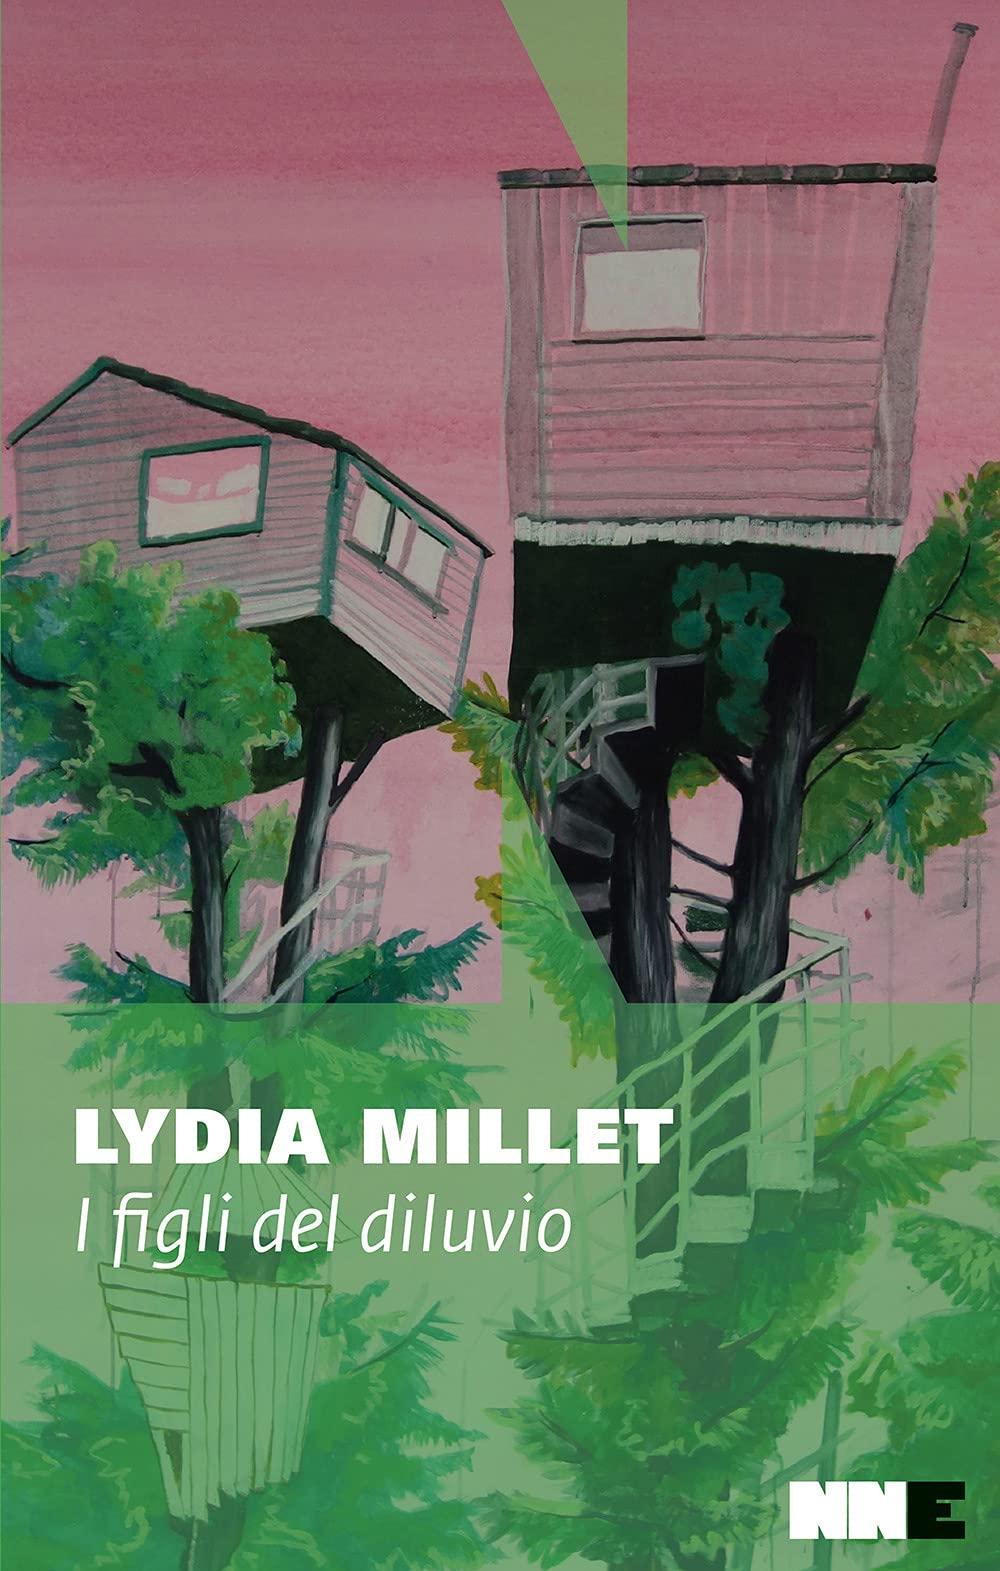 I figli del diluvio : Millet, Lydia, Guerzoni, Gioia: Amazon.it: Libri